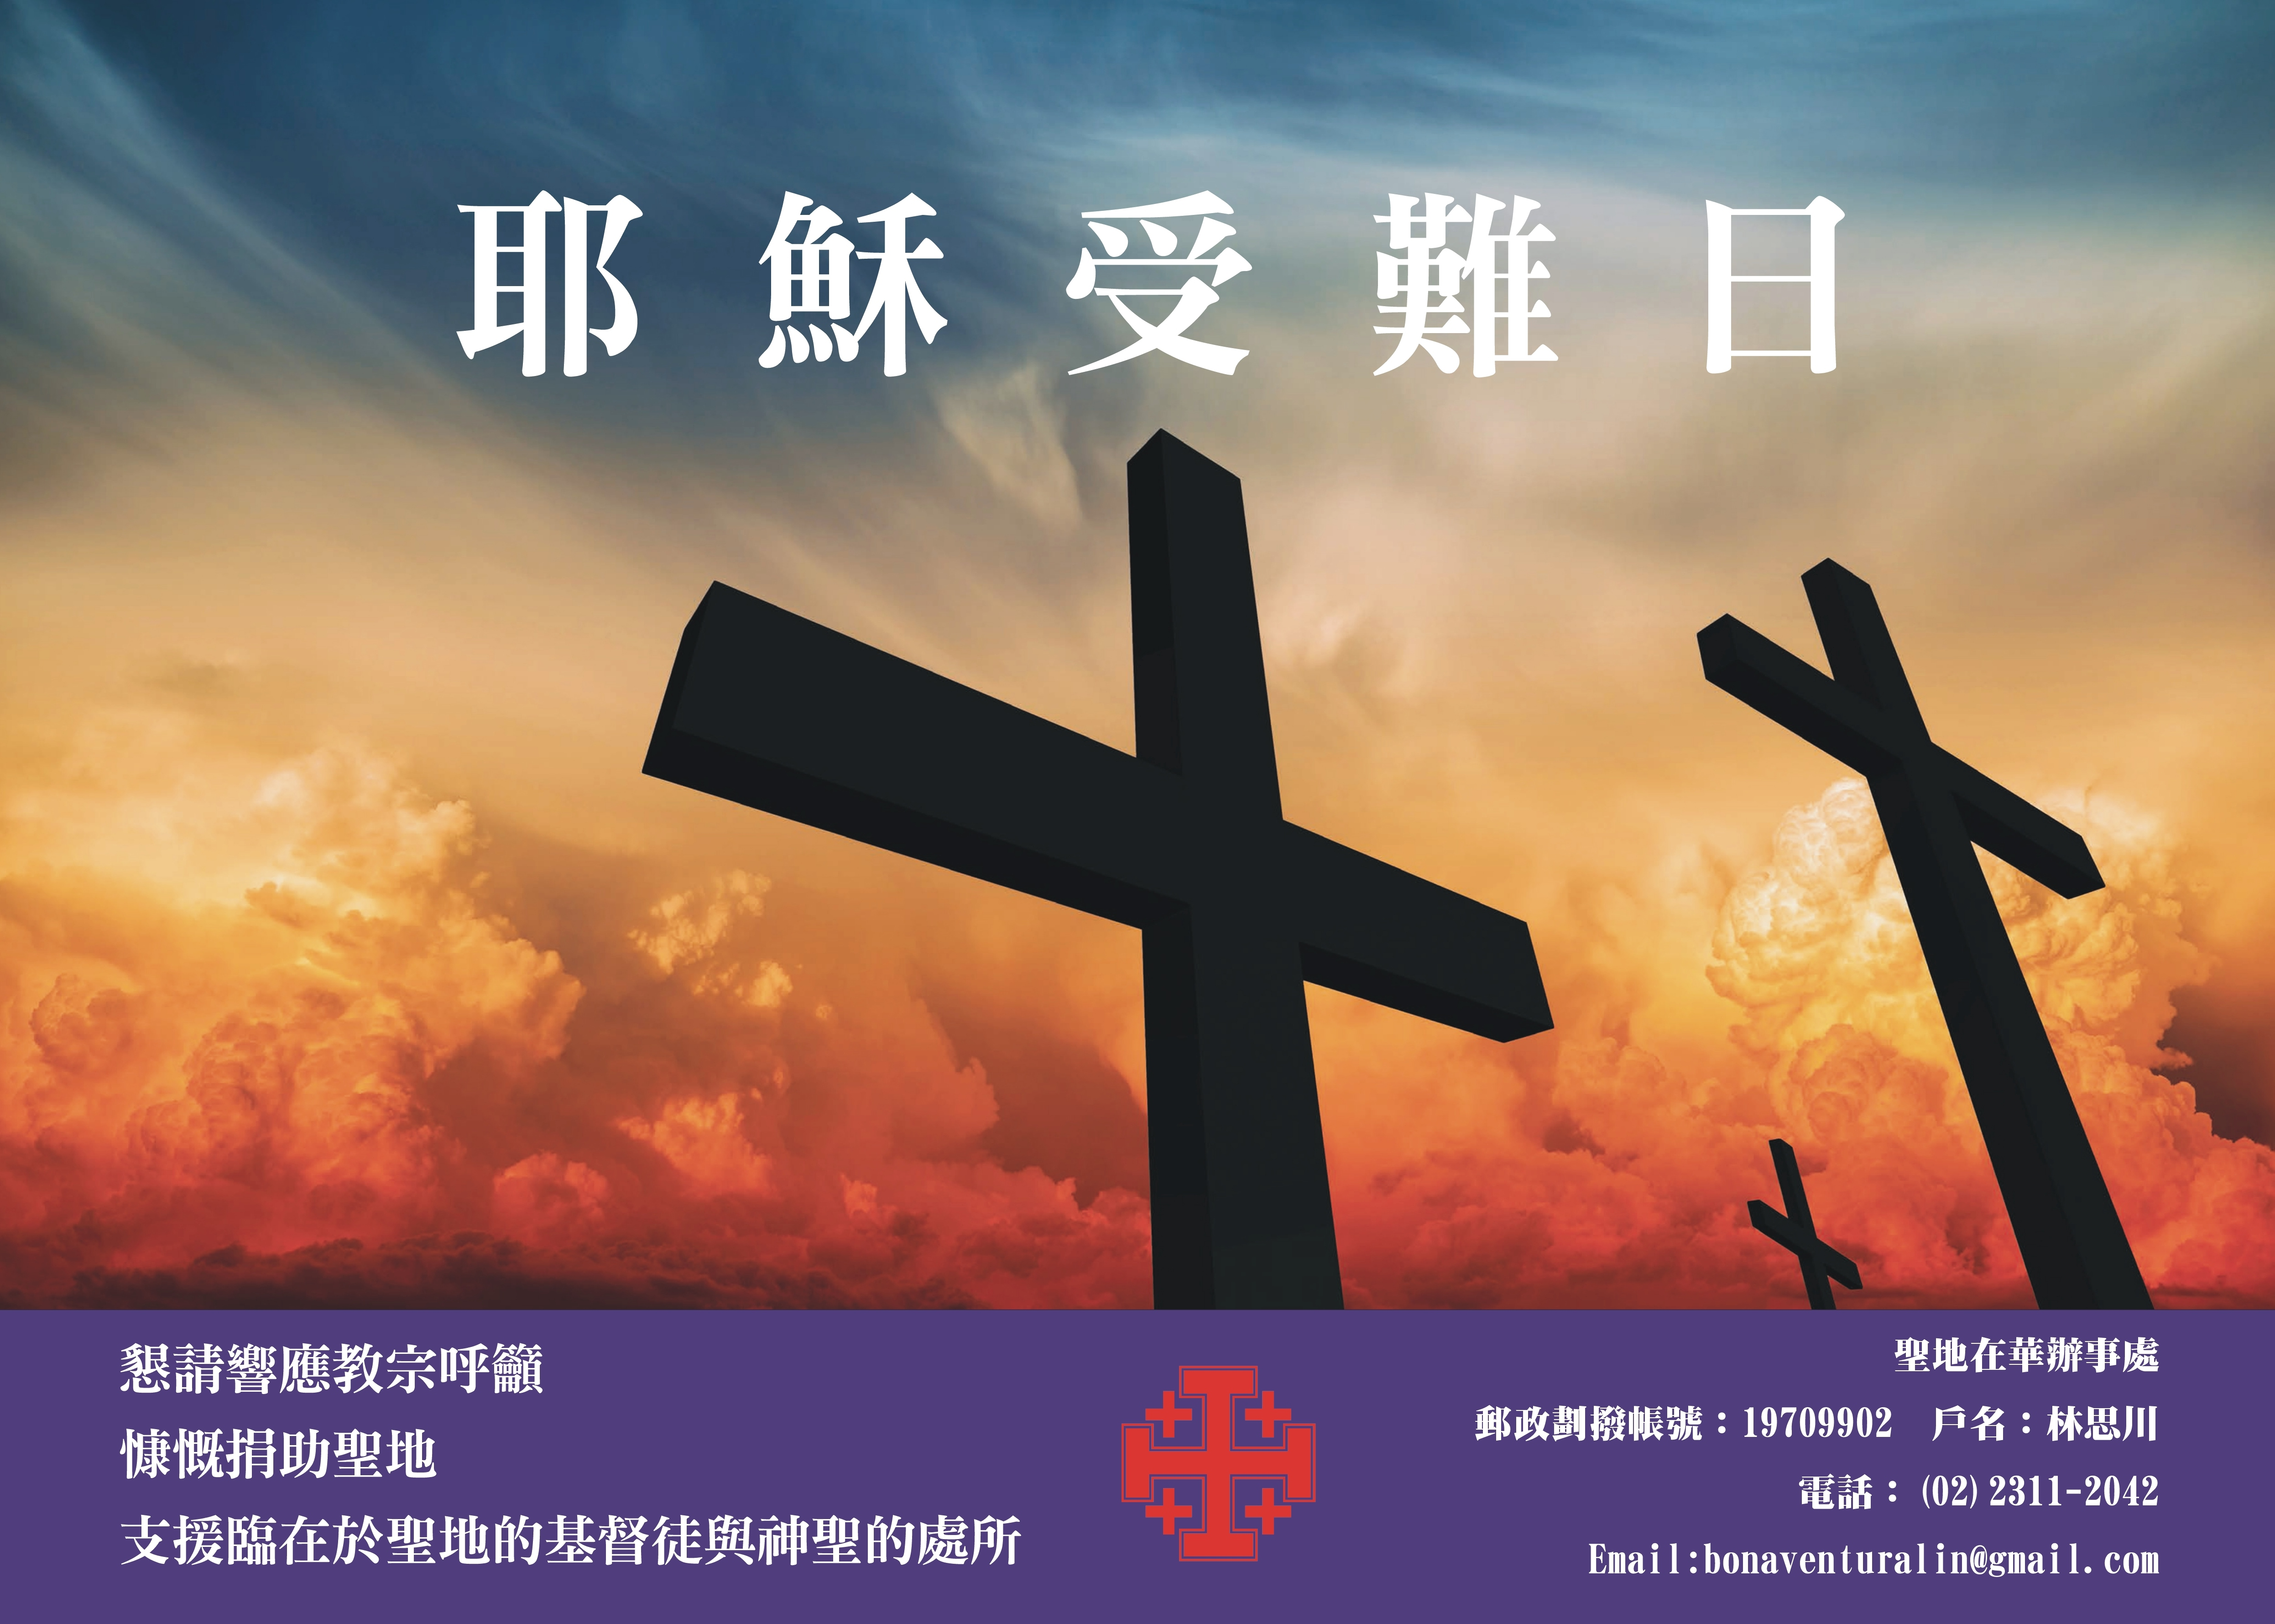 2015 聖週五捐款海報